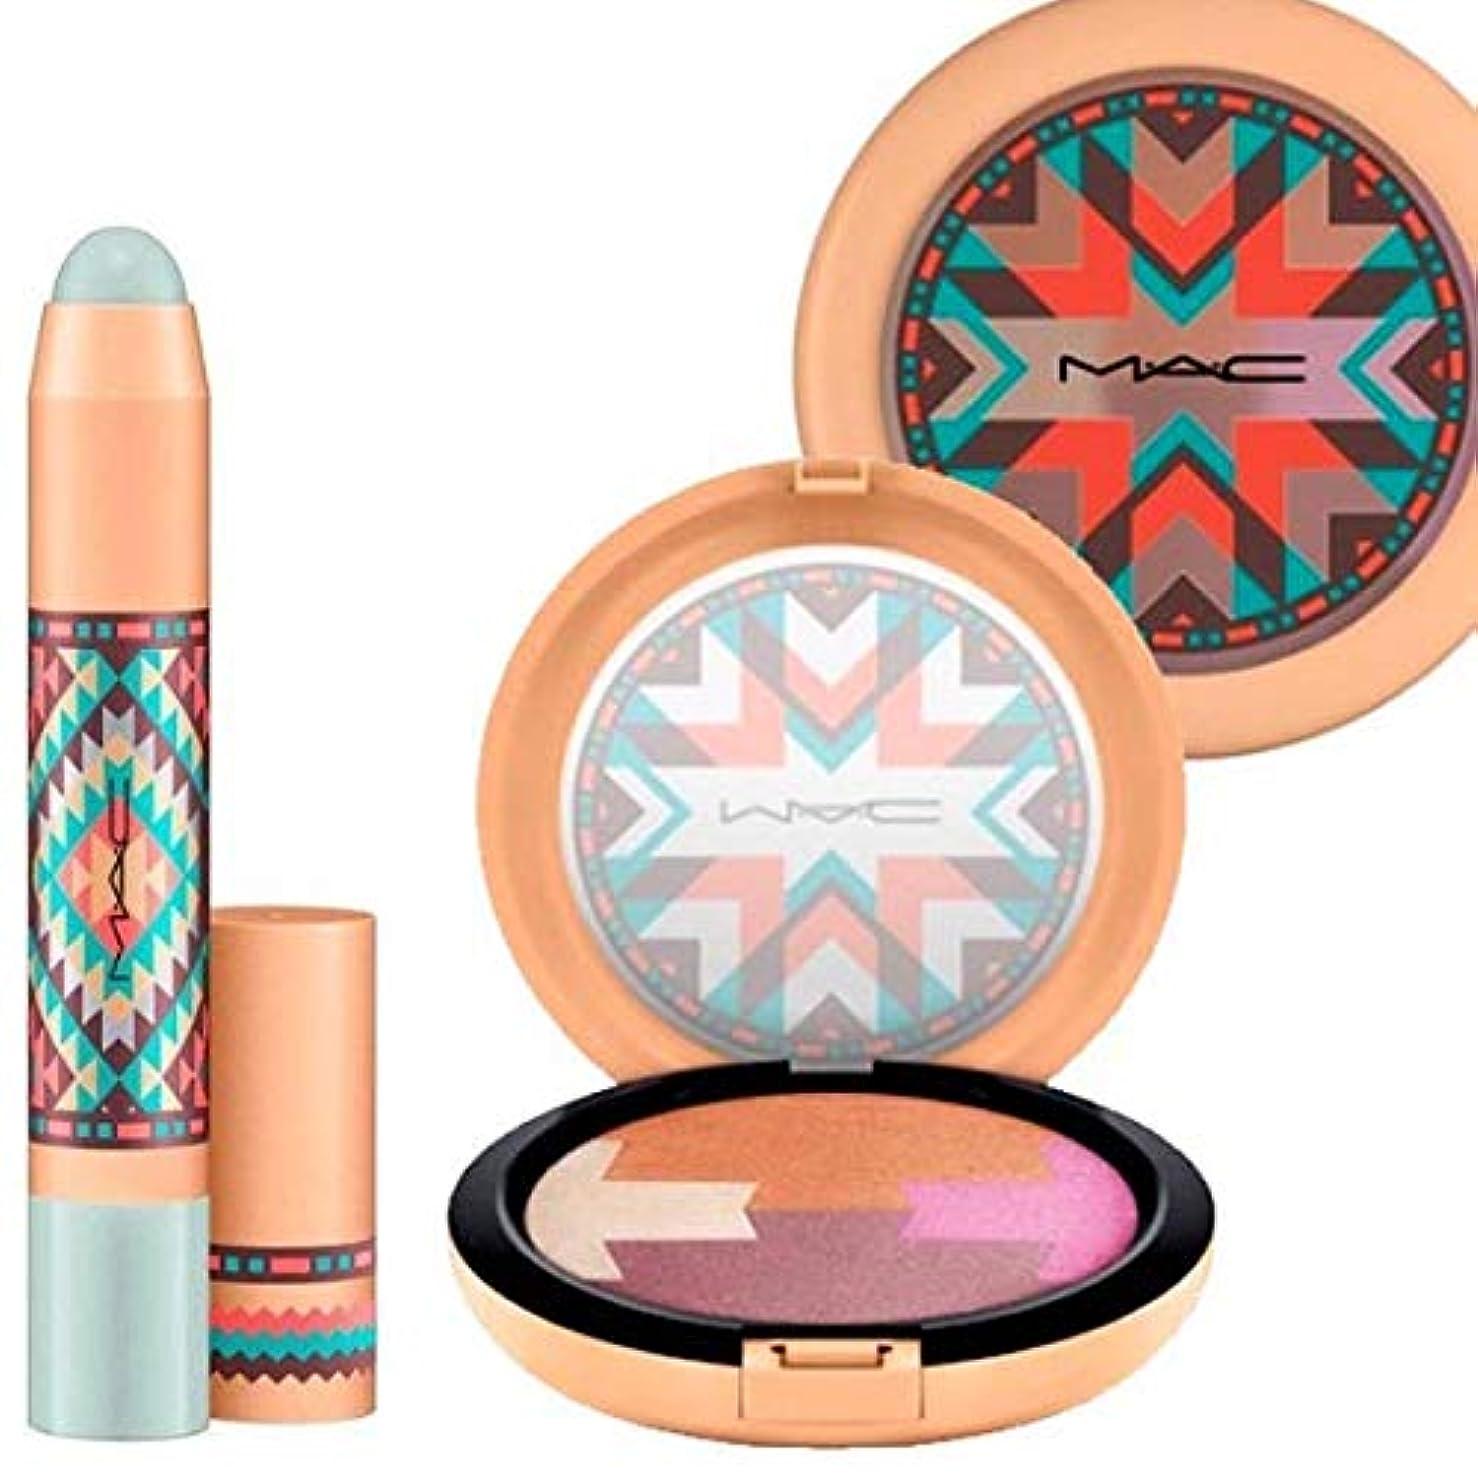 叱る予報誓いM.A.C ?マック, 限定版 !!! Vibe Tribe/Gleamtones Powder & Desert Evening Lip Pencil [海外直送品] [並行輸入品]